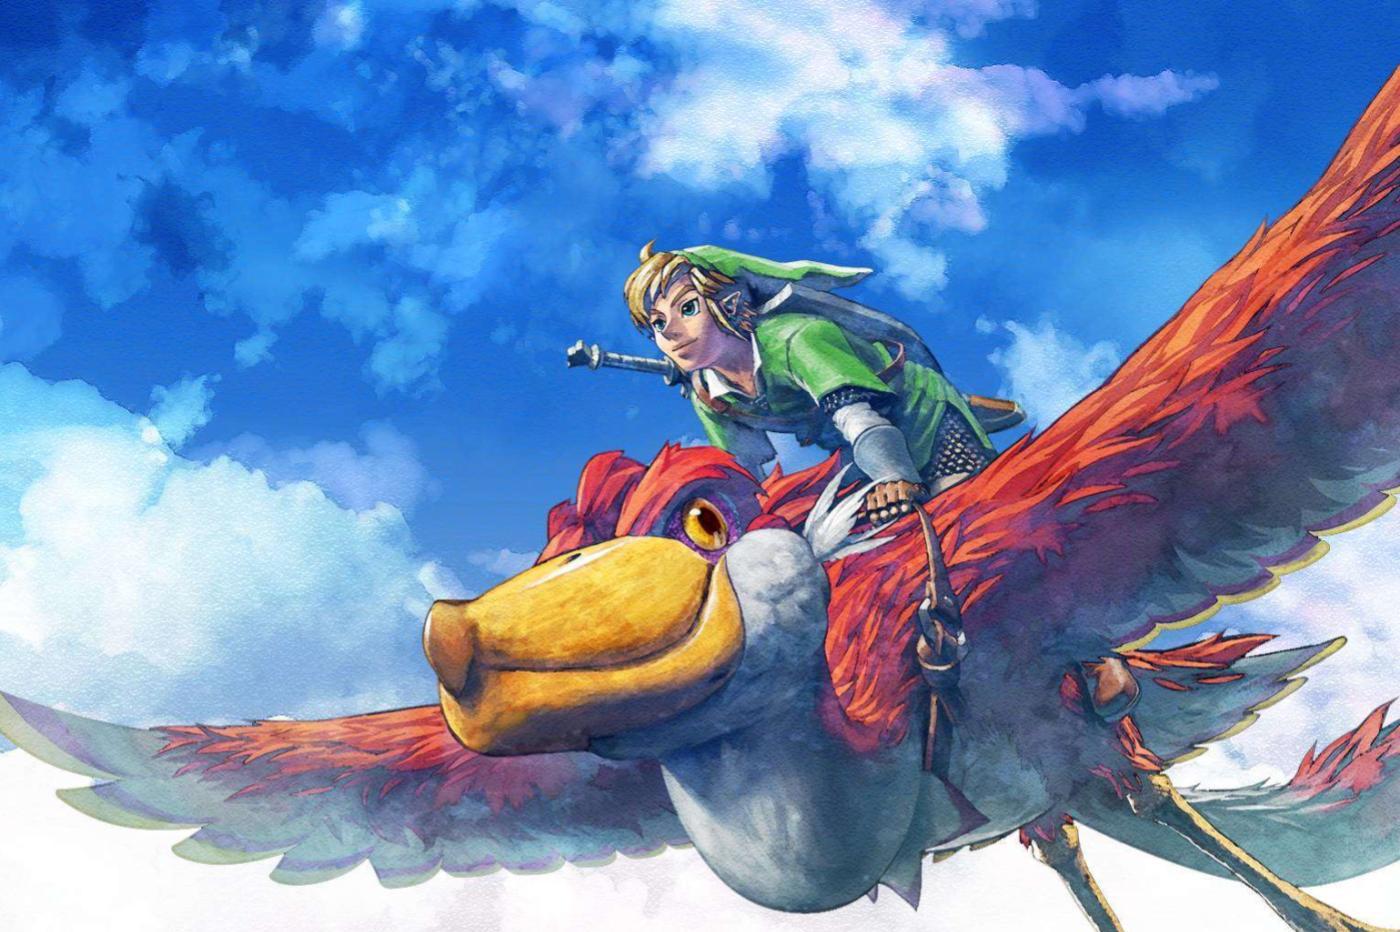 Link dans Zelda Skyward Sword